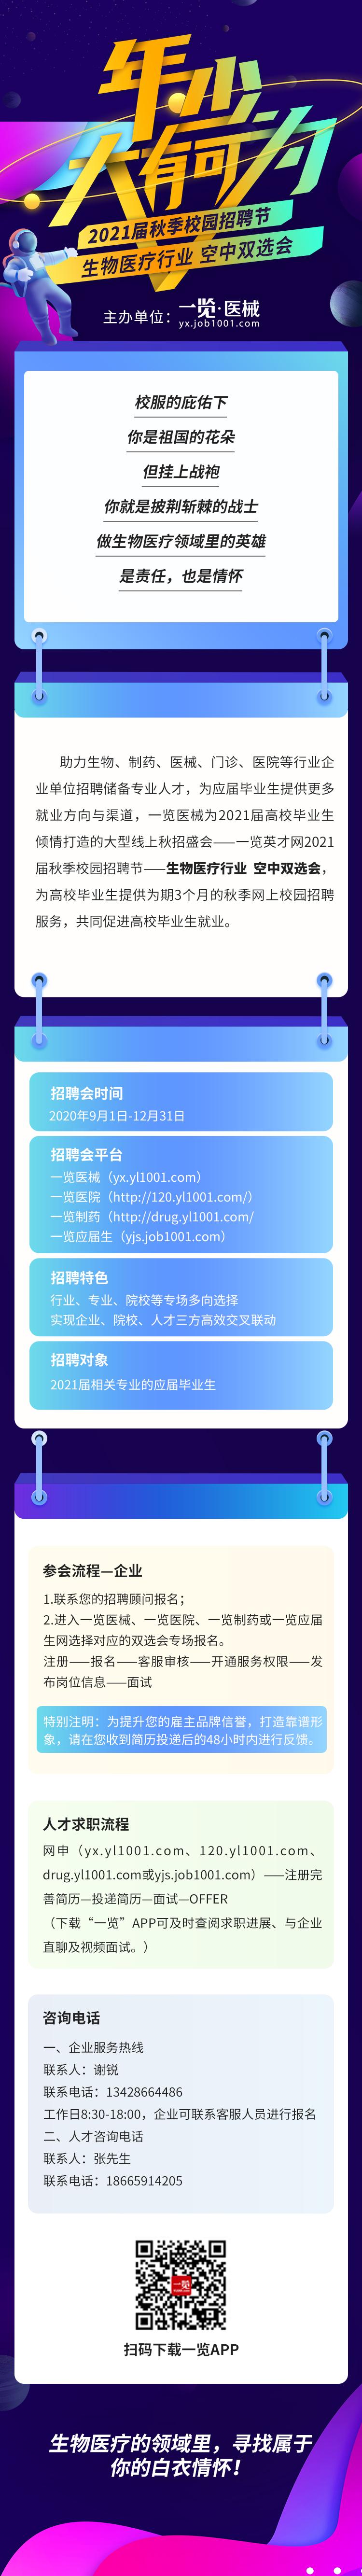 1600484843-1VGMYI4.jpg